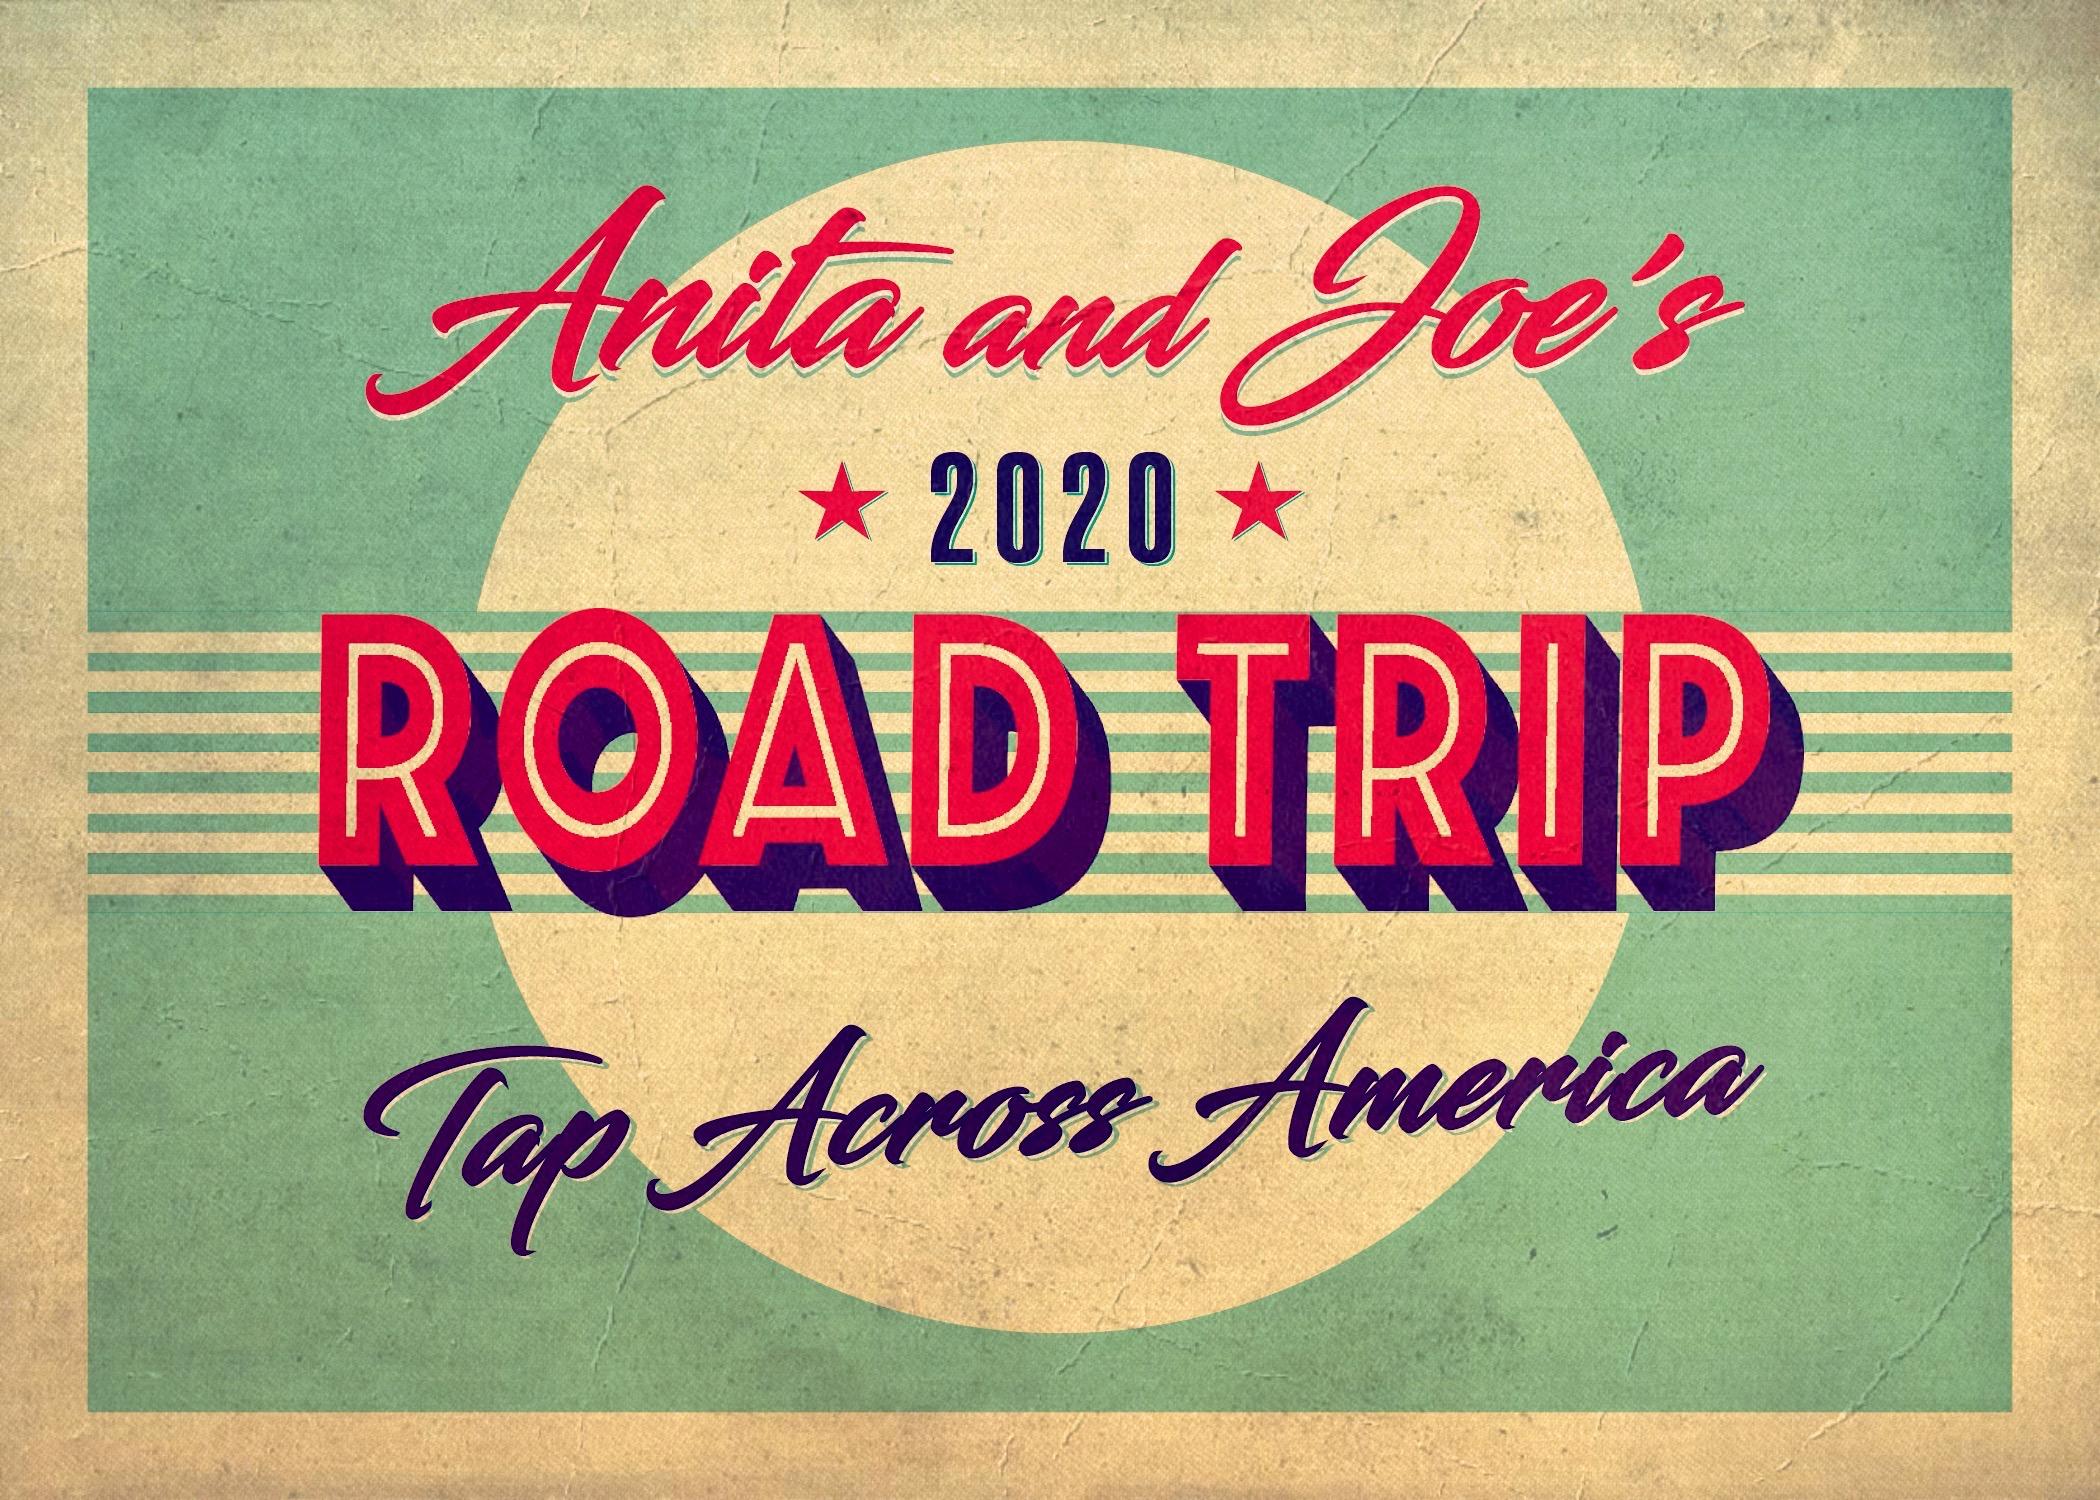 Anita & Joe's Road Trip